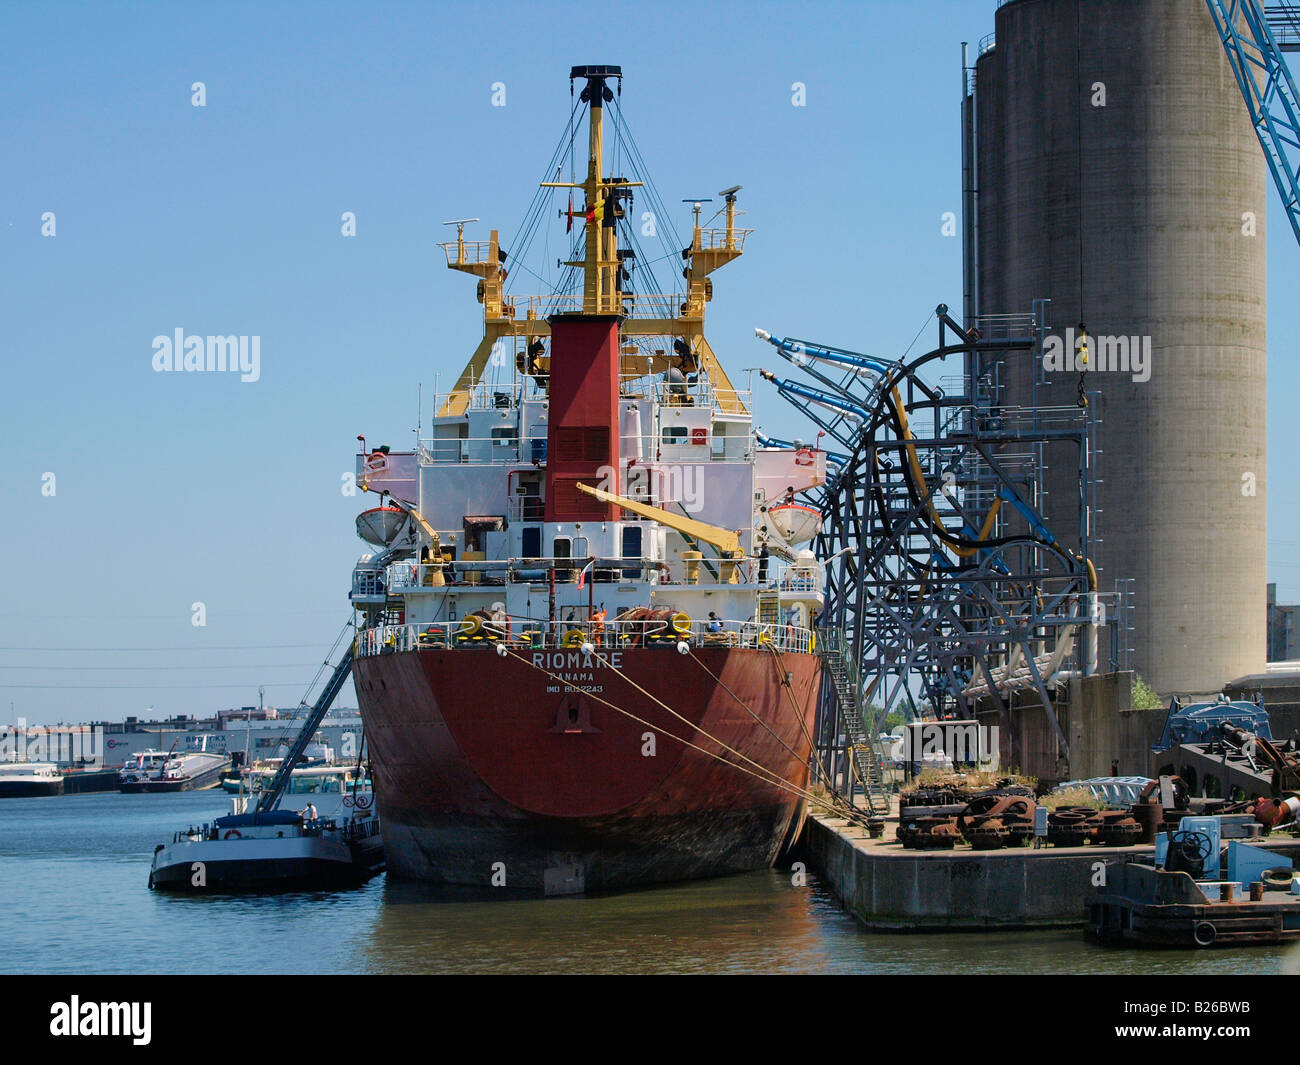 Bulk carrier cargo ship in thye port of Antwerp Flanders Belgium - Stock Image